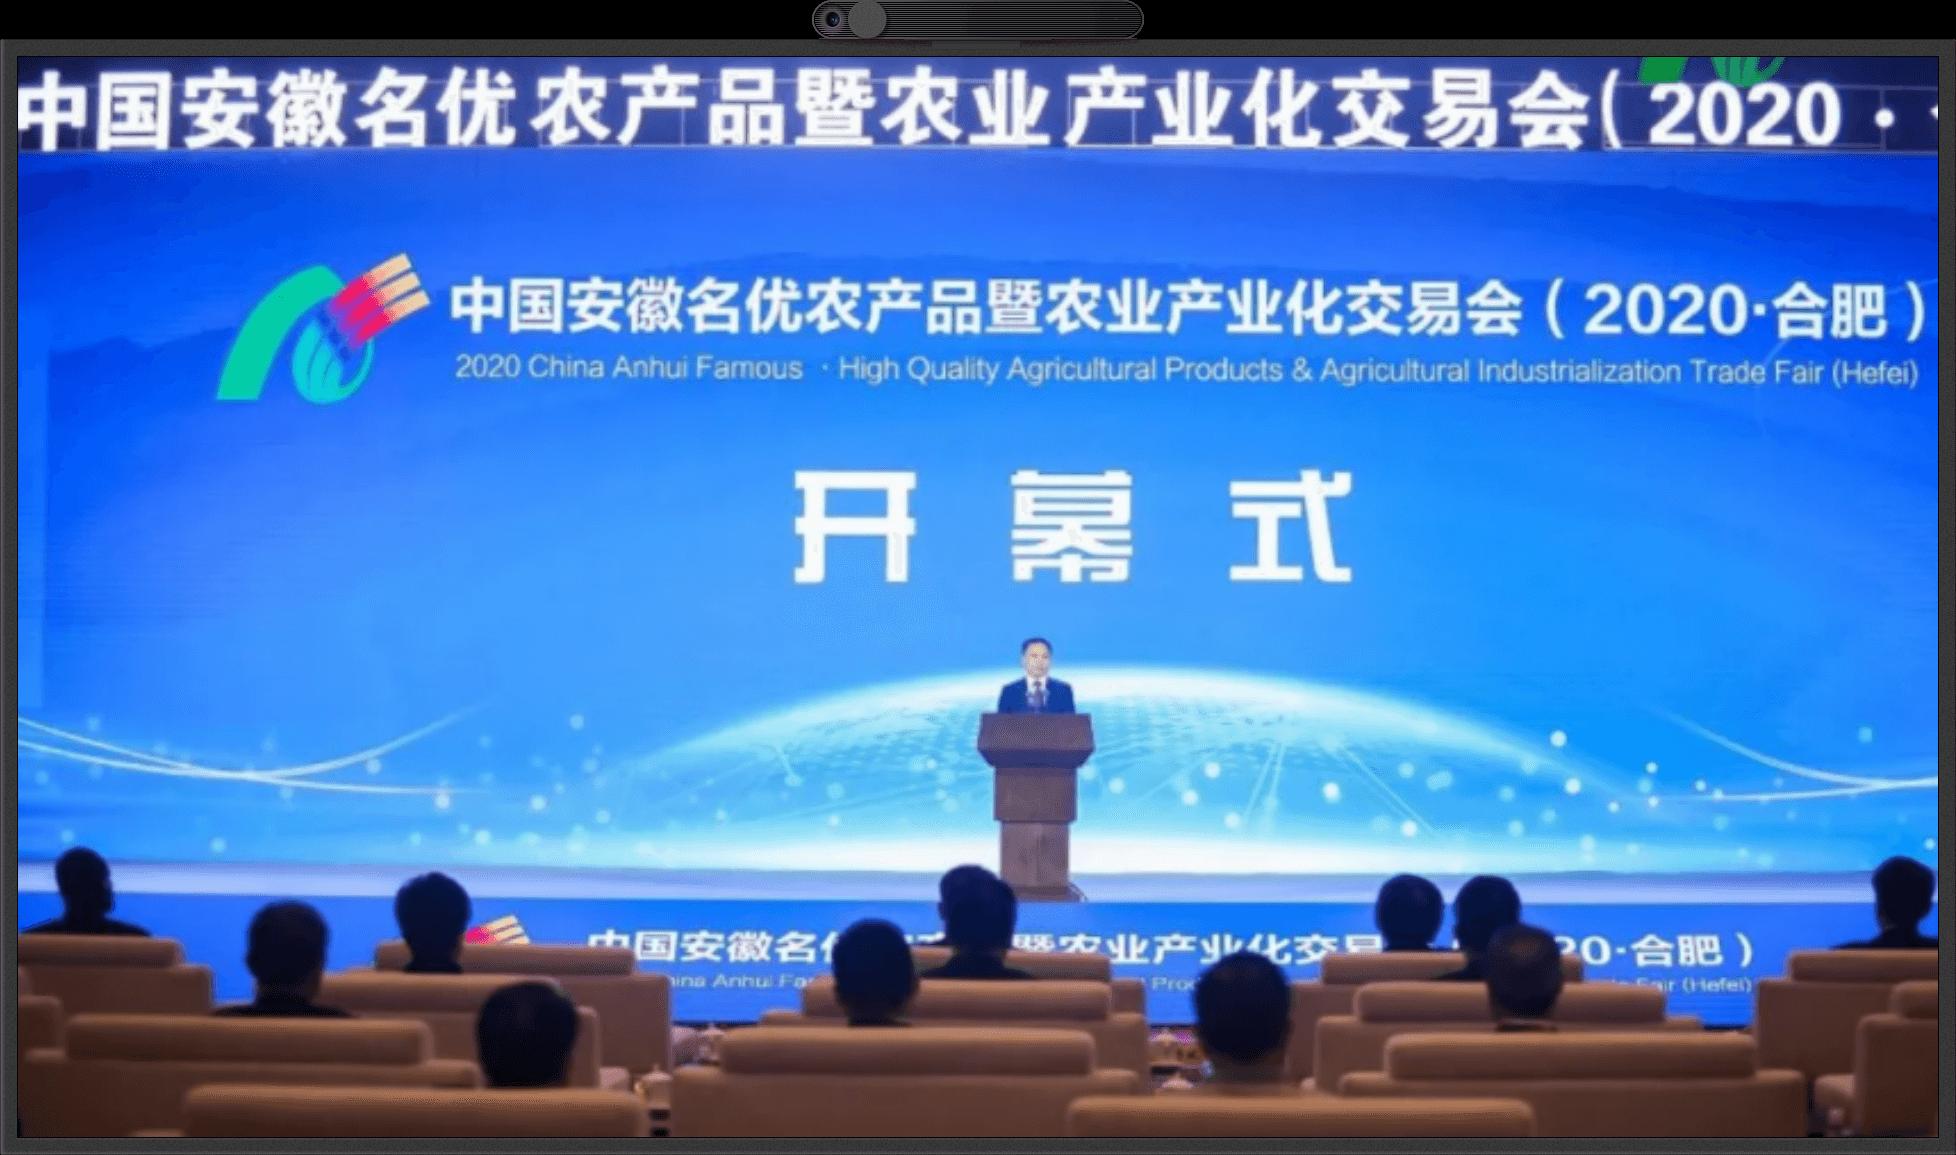 中国安徽名优农产品暨农业产业化交易会(2020·合肥)圆满落幕